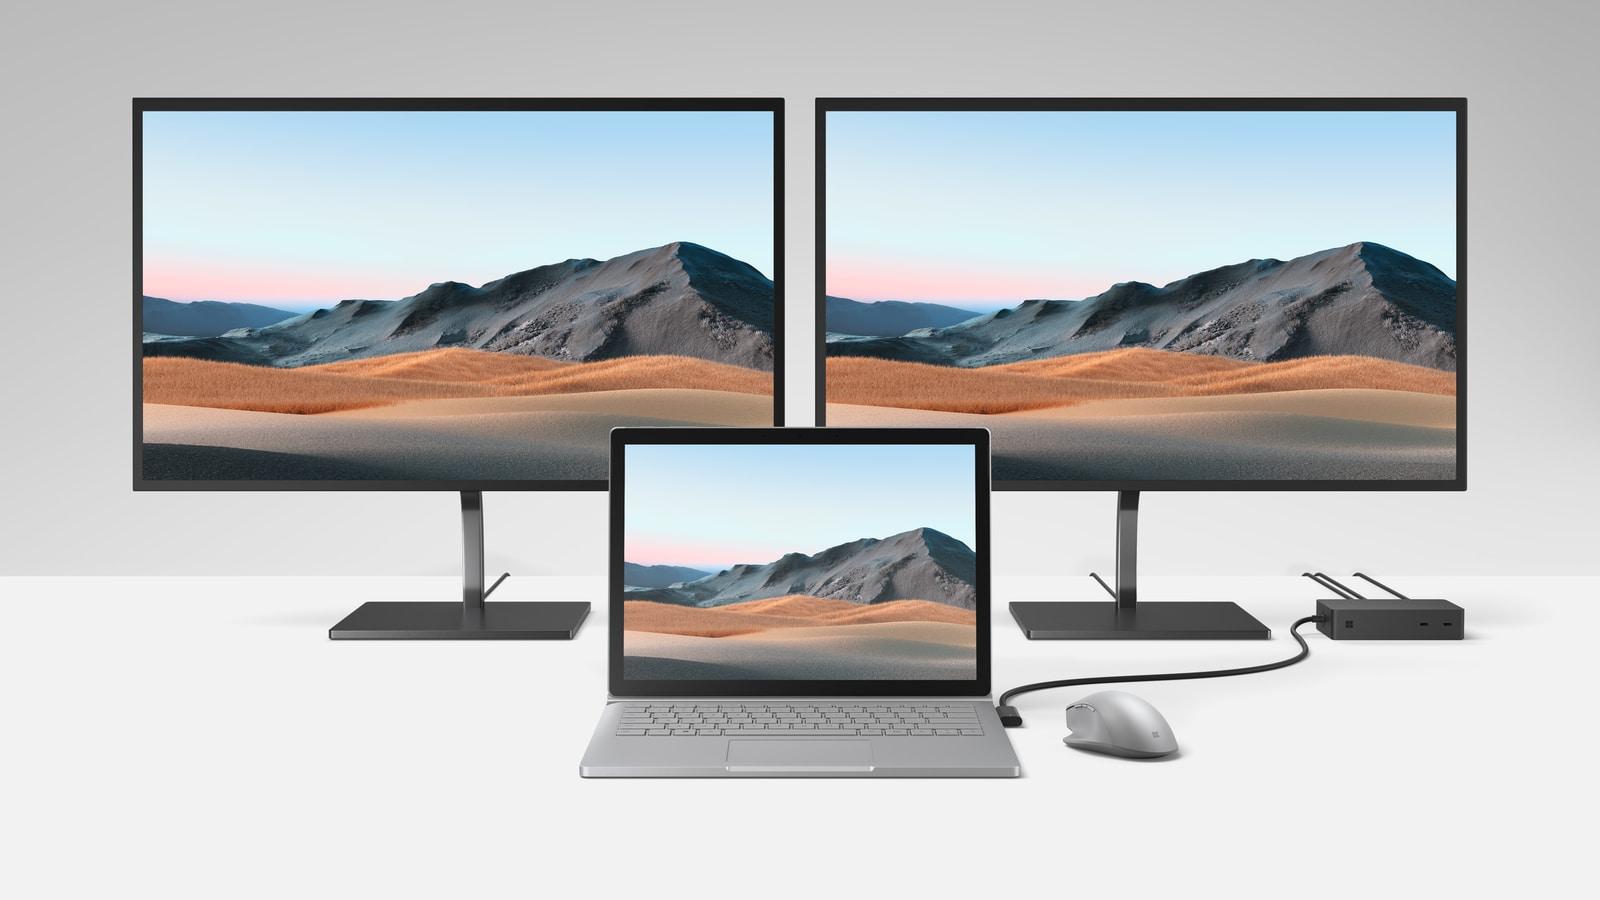 Microsoft Surface Book 3 ra mắt: thêm tuỳ chọn card đồ hoạ NVIDIA, tối đa 32GB RAM, ổ SSD nhanh hơn